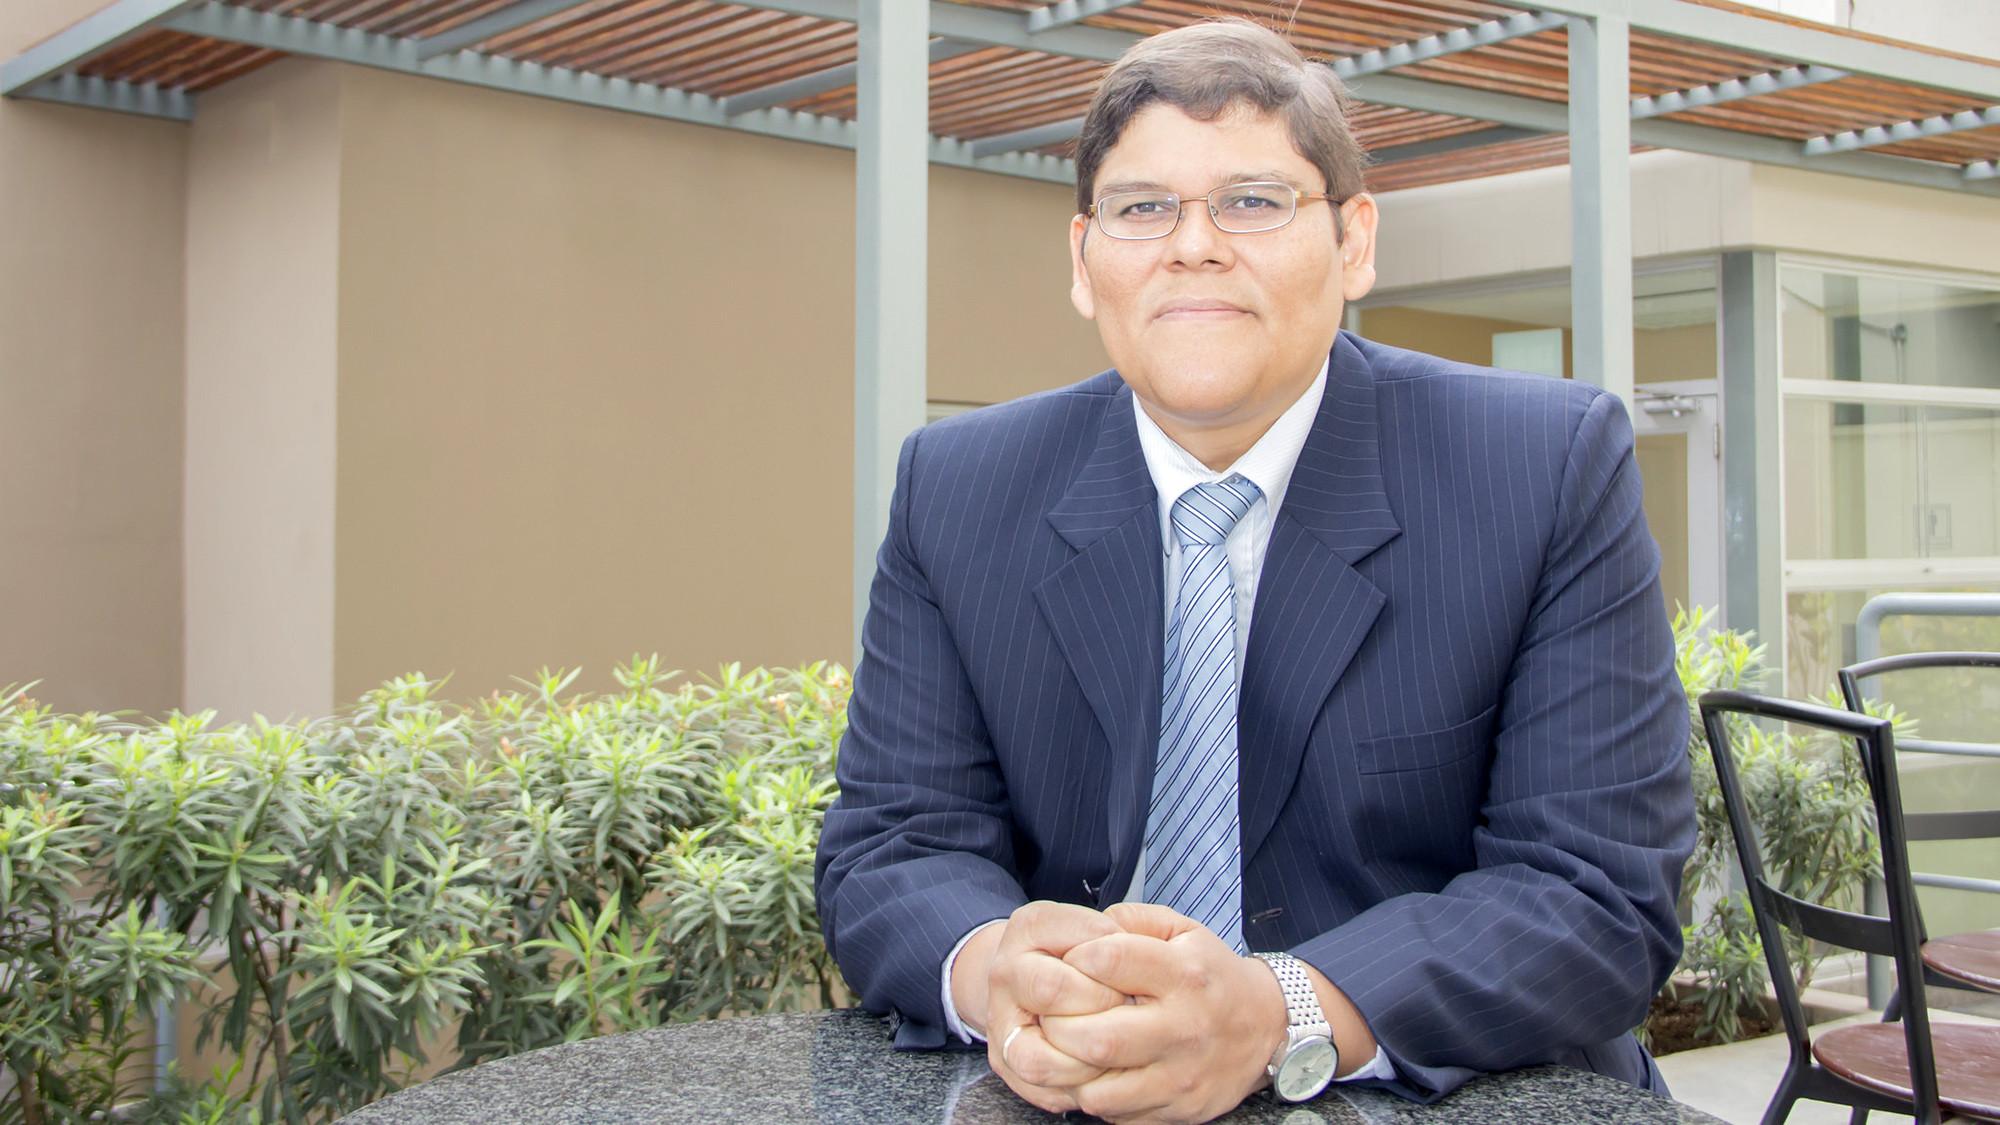 Víctor Velezmoro Montes, decano de la Facultad de Humanidades de la UDEP.